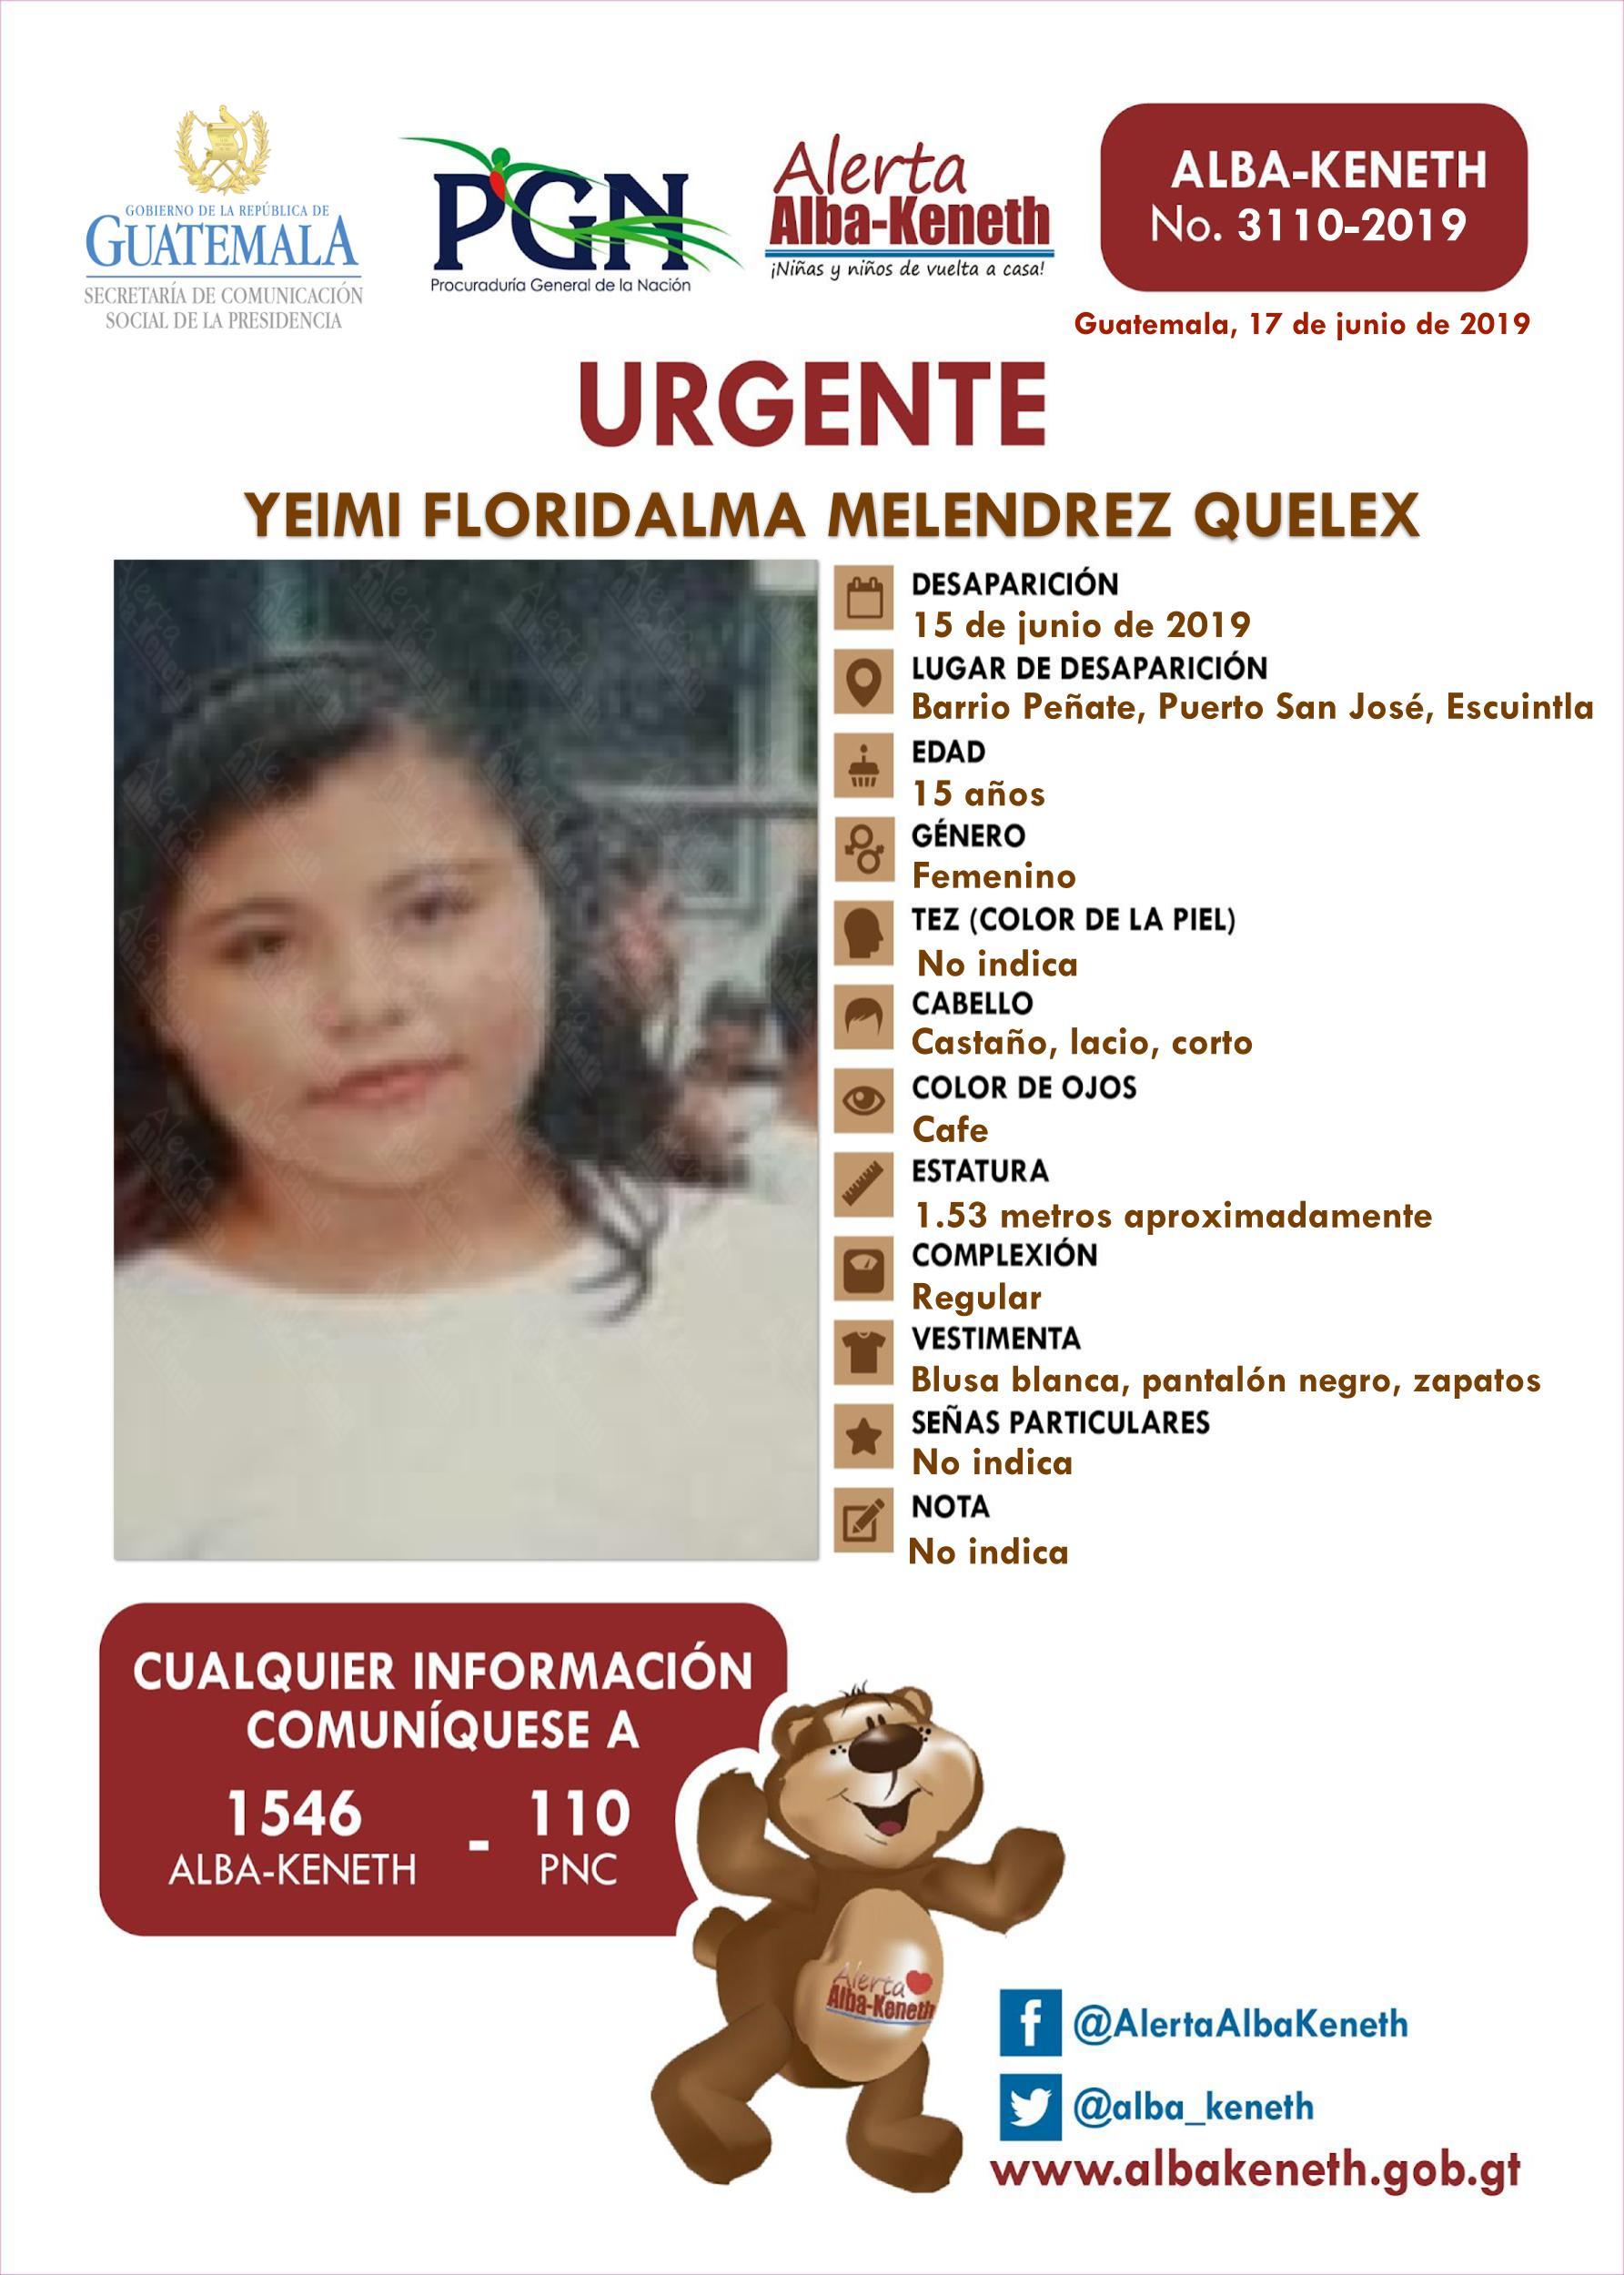 Yeimi Floridalma Melendrez Quelex